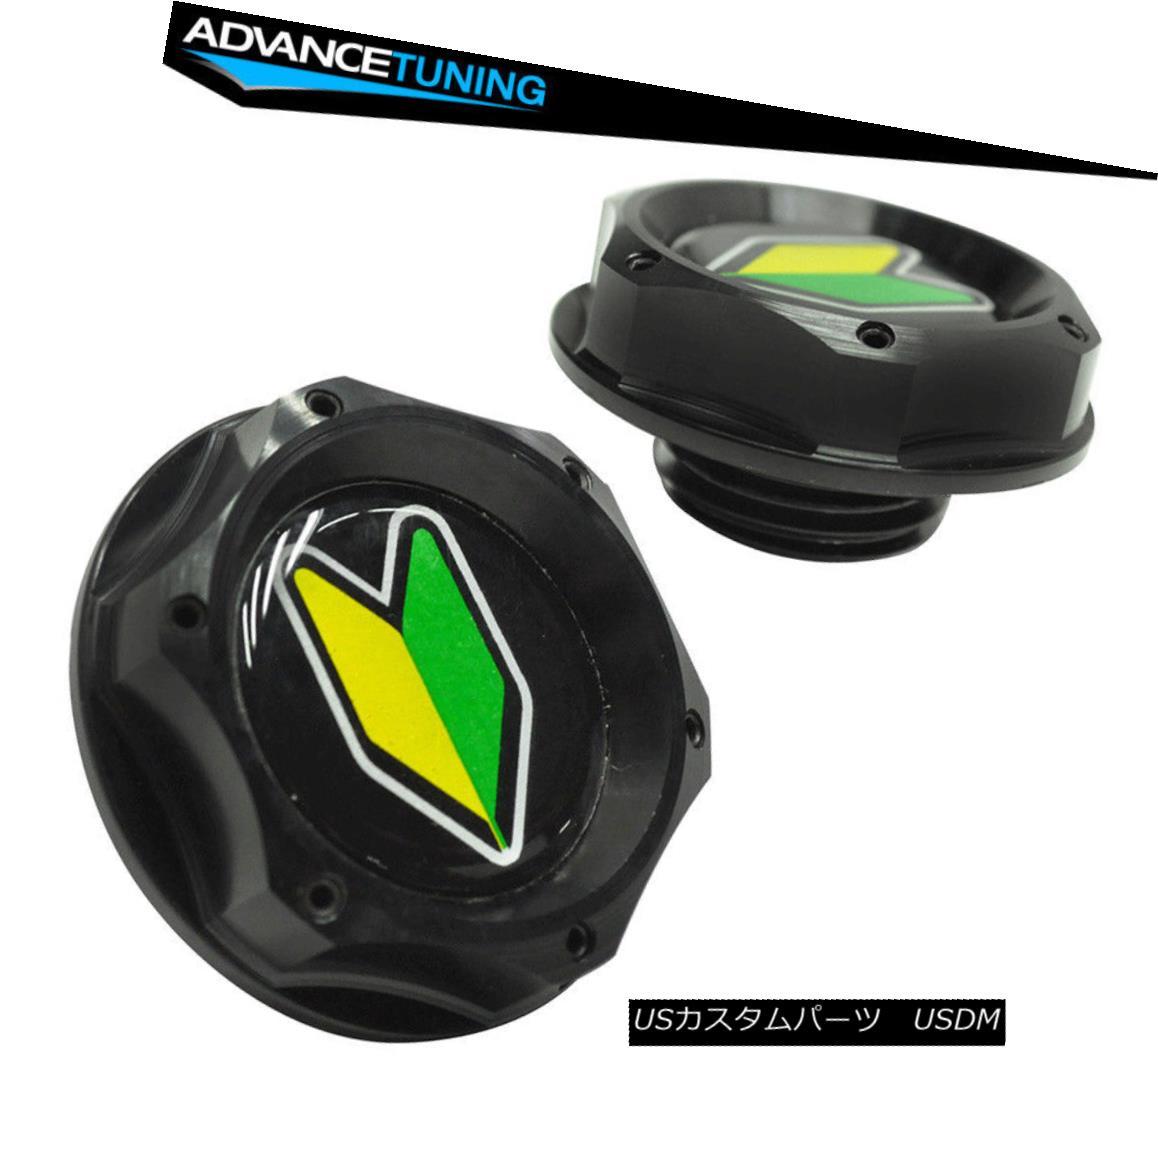 For HONDA ACURA BLACK TWIST ON ENGINE OIL FILLER CAP COVER+BD EMBLEM